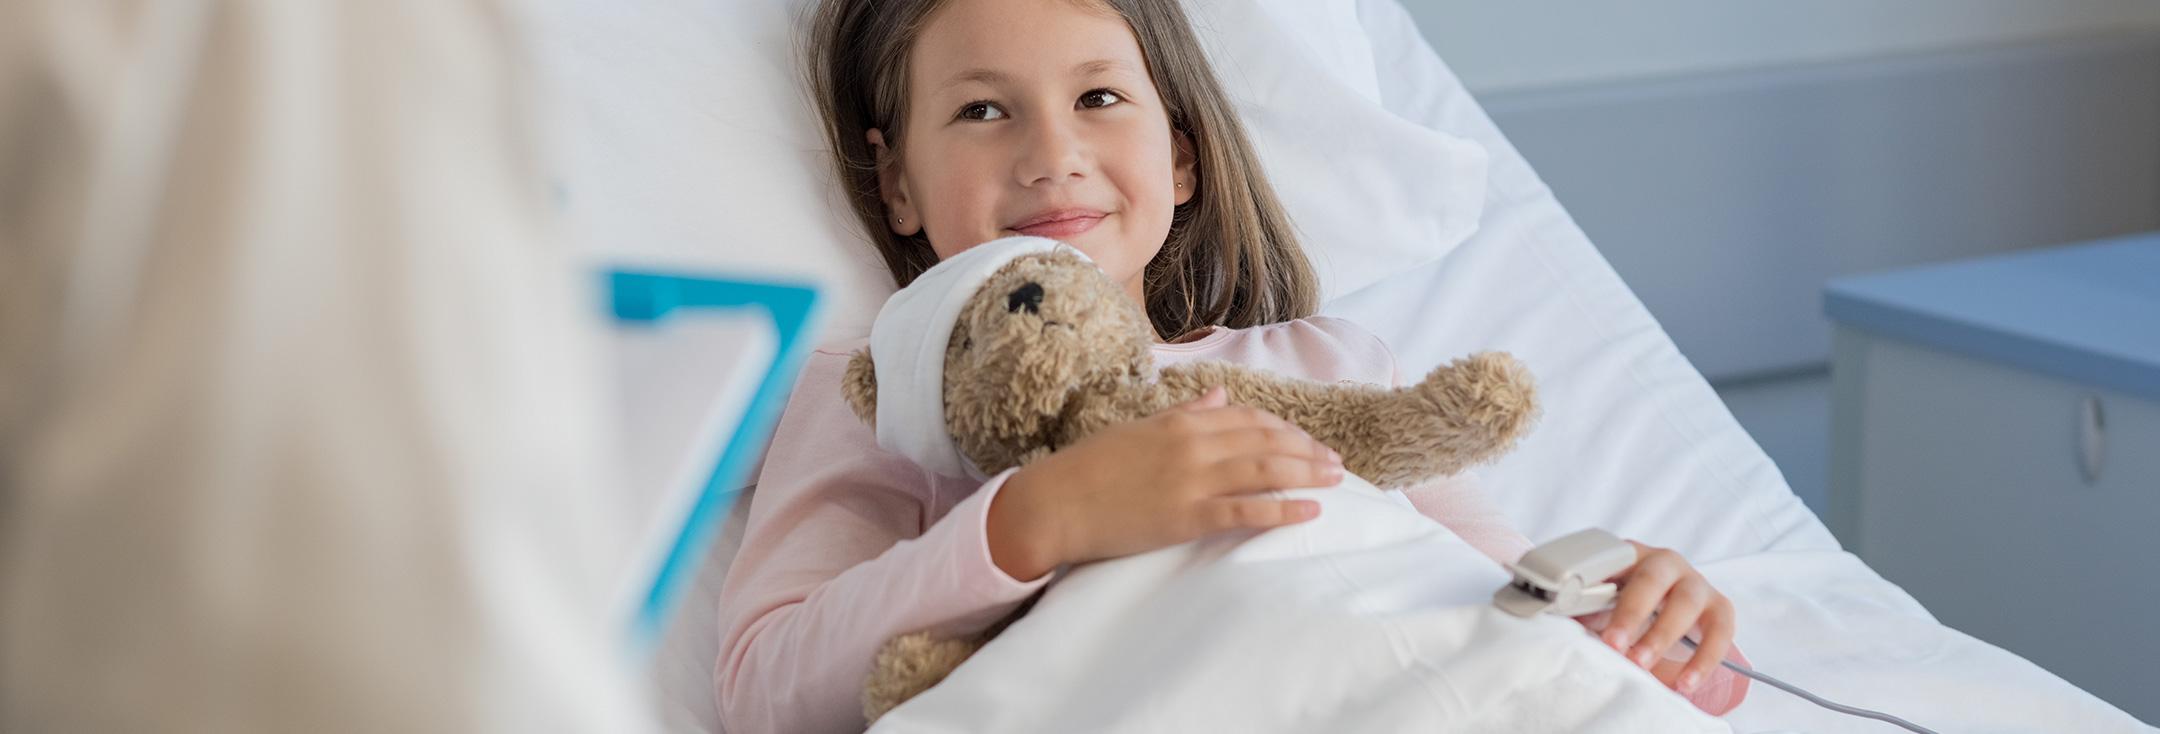 La prise en charge en cas d'hospitalisation